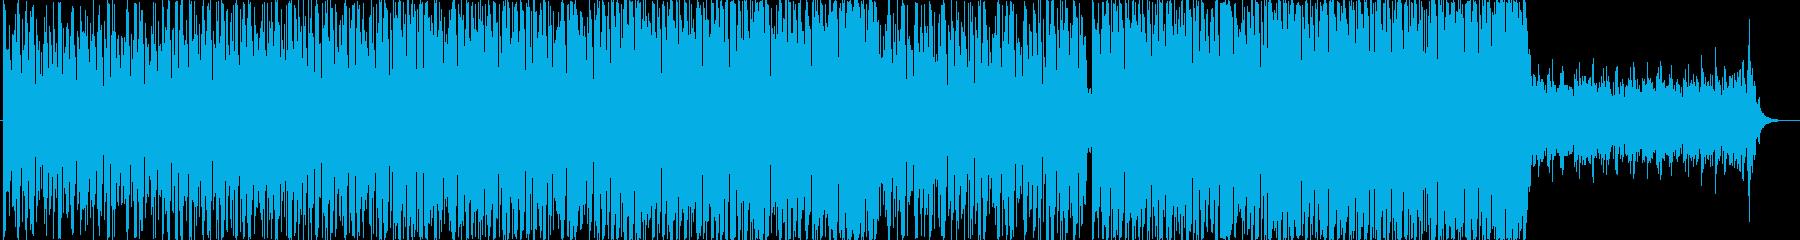 エレクトロニカ風BGMの再生済みの波形